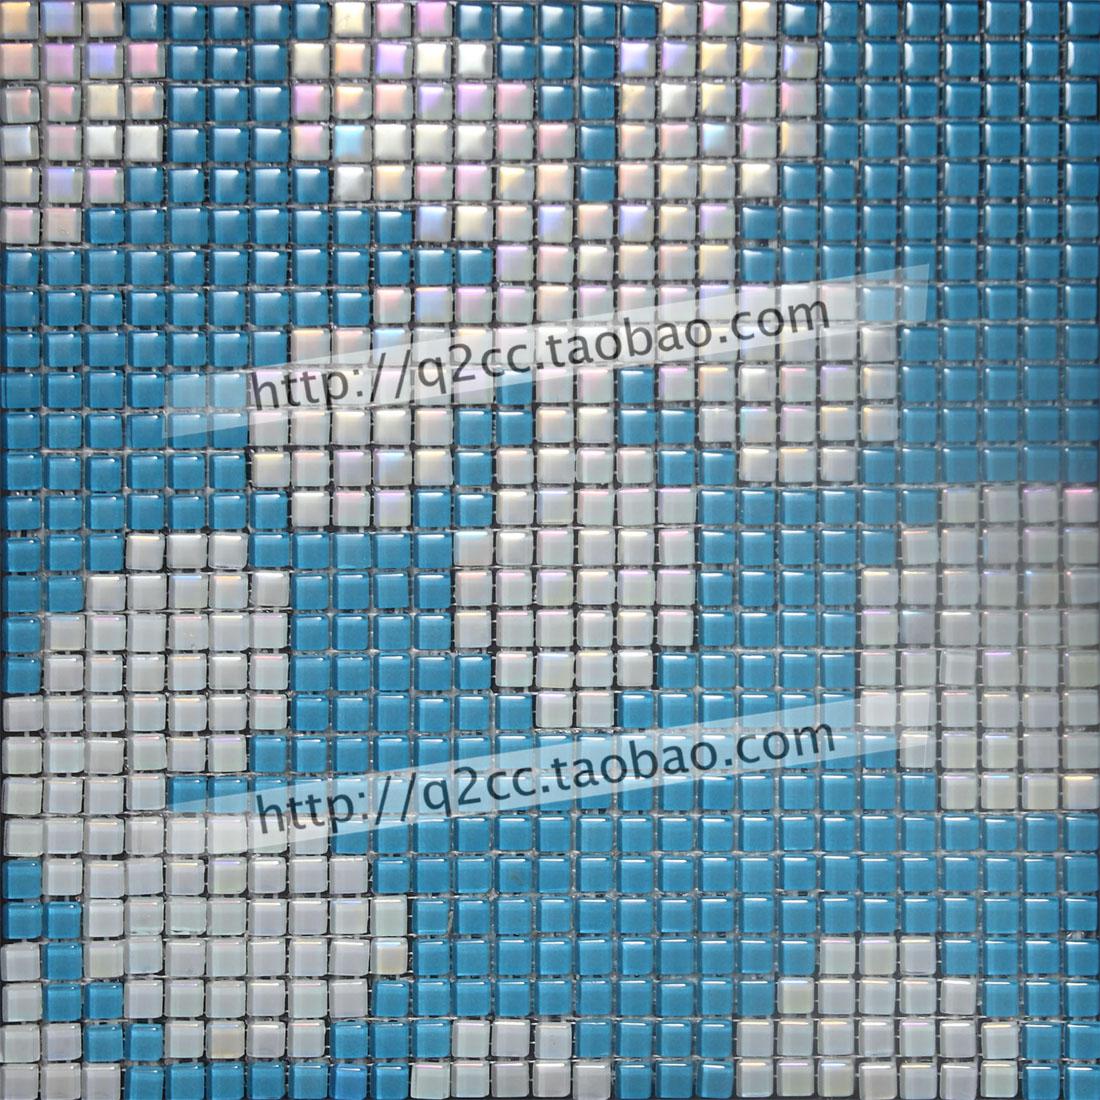 蓝色水晶玻璃马赛克拼花拼图背景墙贴瓷砖 卫生间浴室 地中海风格